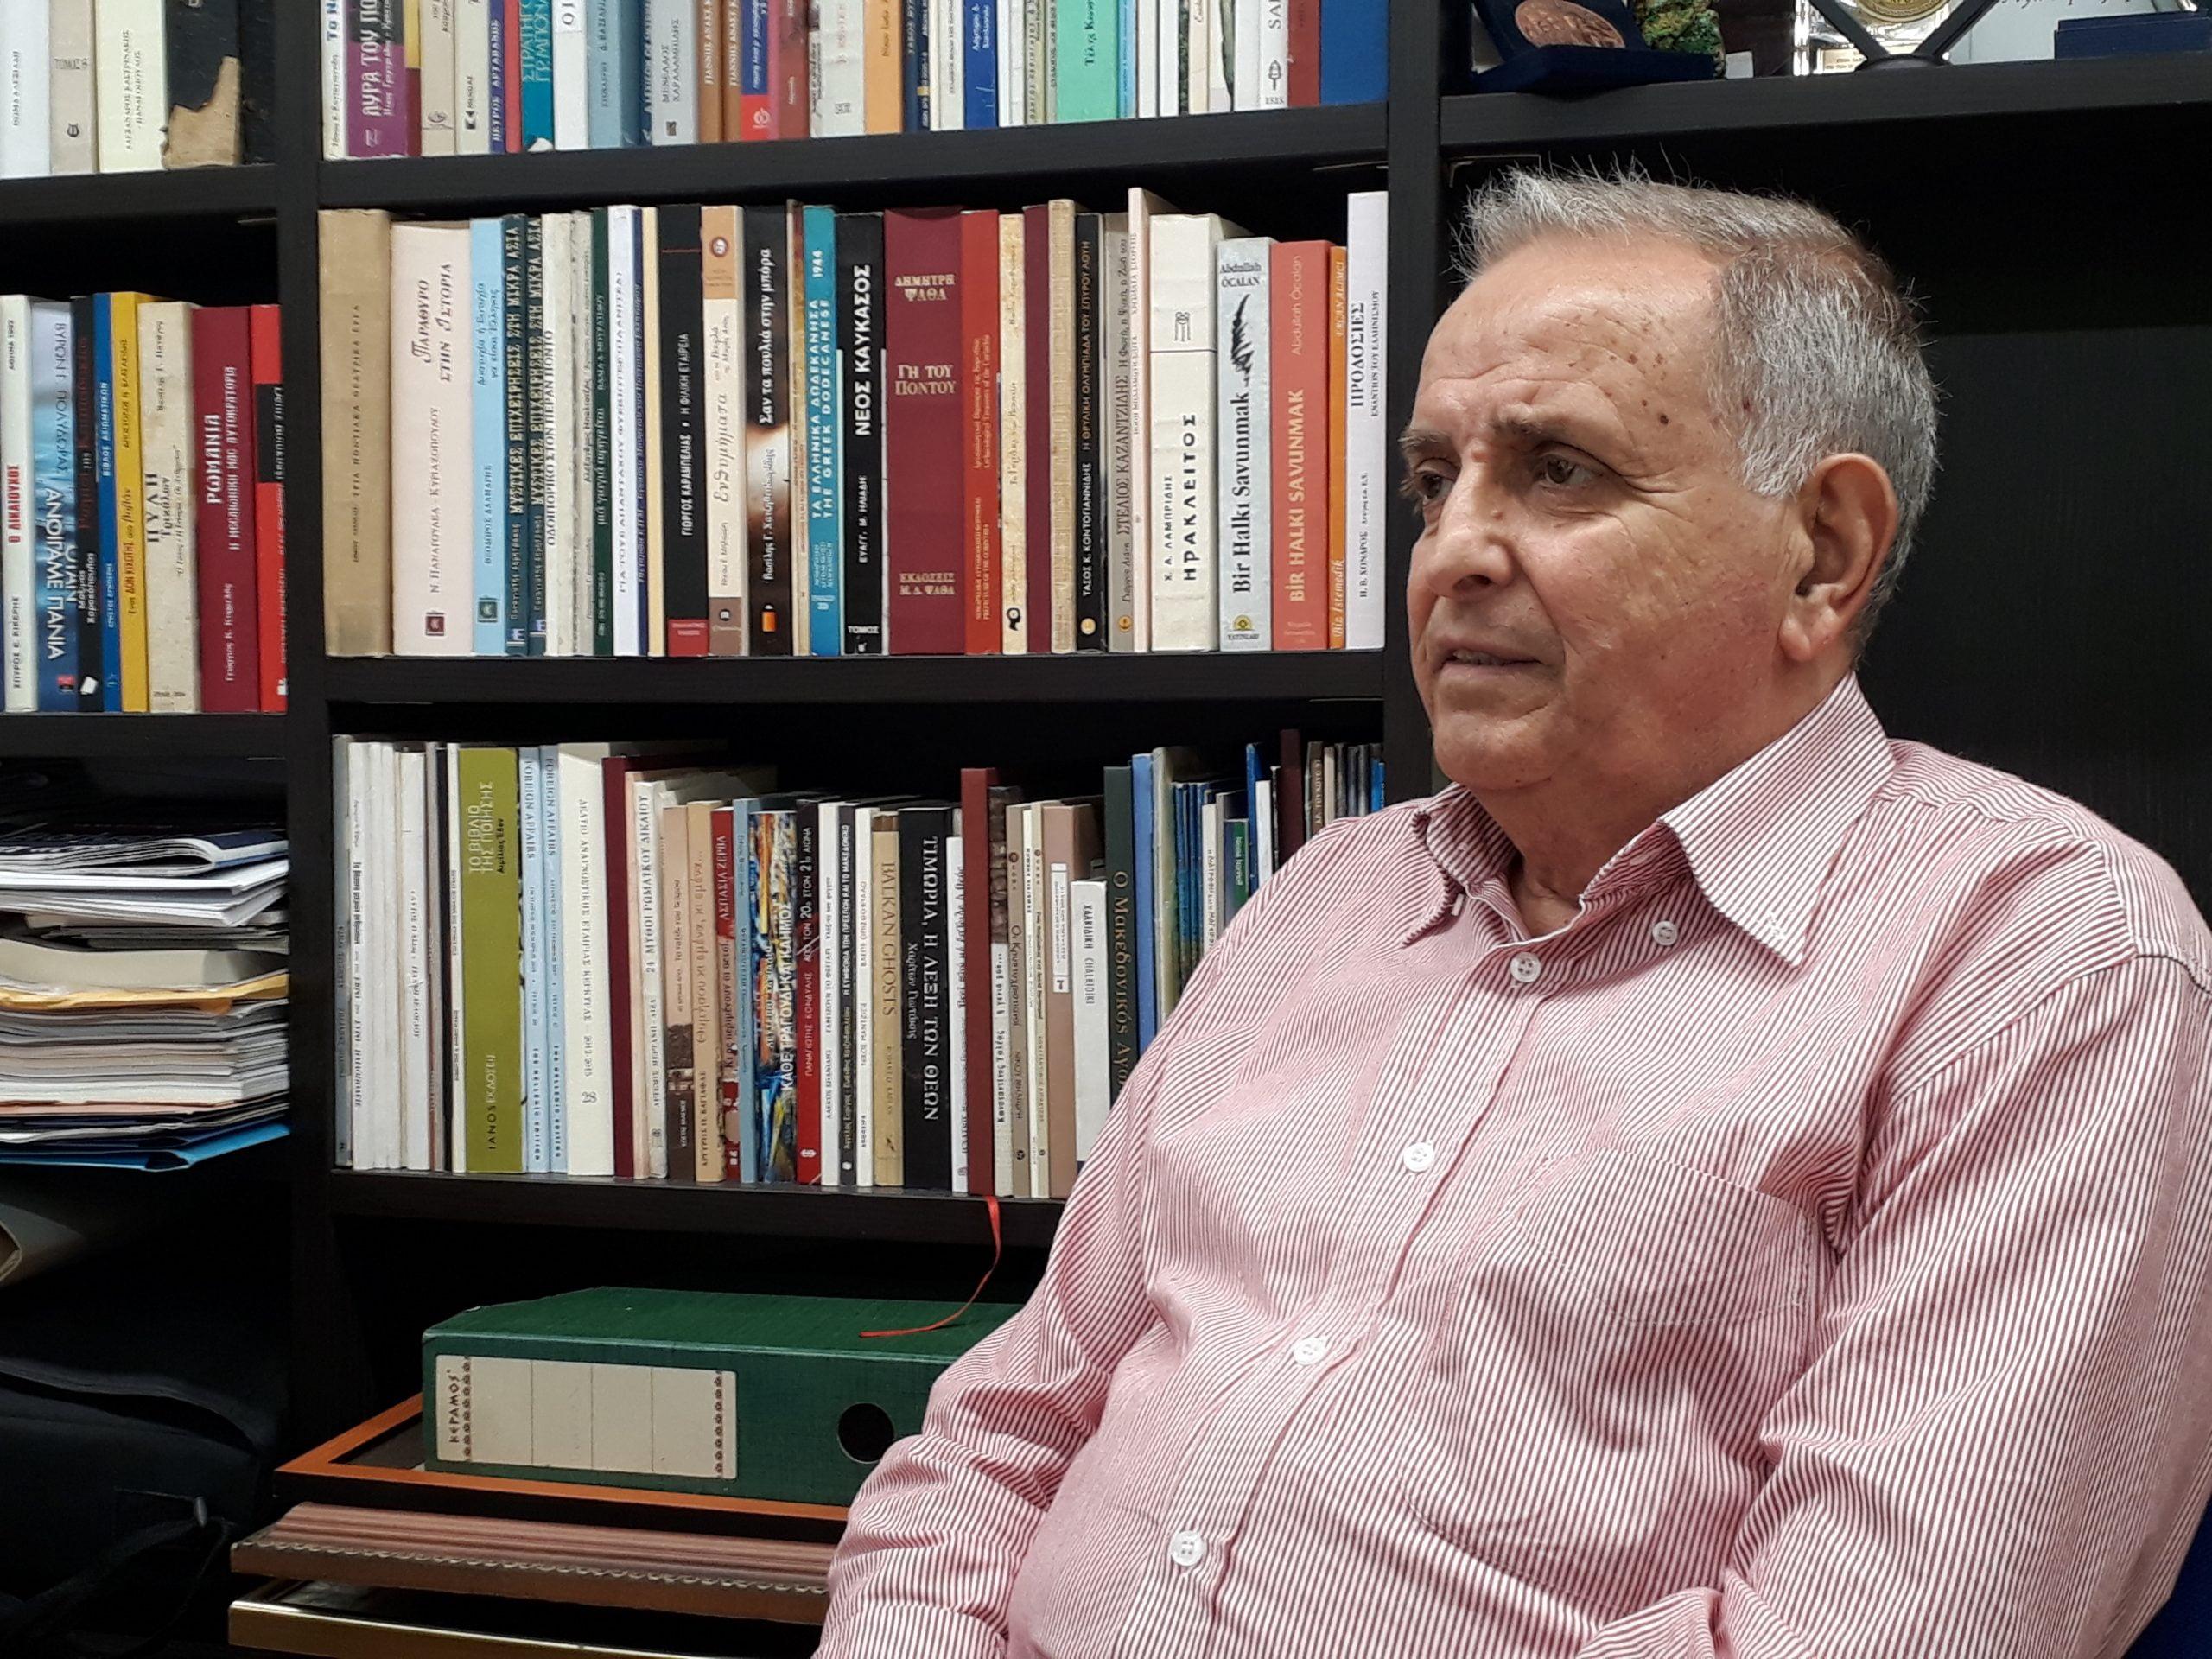 Γρηγόρης Καραμέλος, βουλευτής Κορυτσάς: Δεν θέλουμε η Αλβανία να καταντήσει προτεκτοράτο της Τουρκίας. Θέλουμε να έχει καλές σχέσεις με την Ελλάδα!